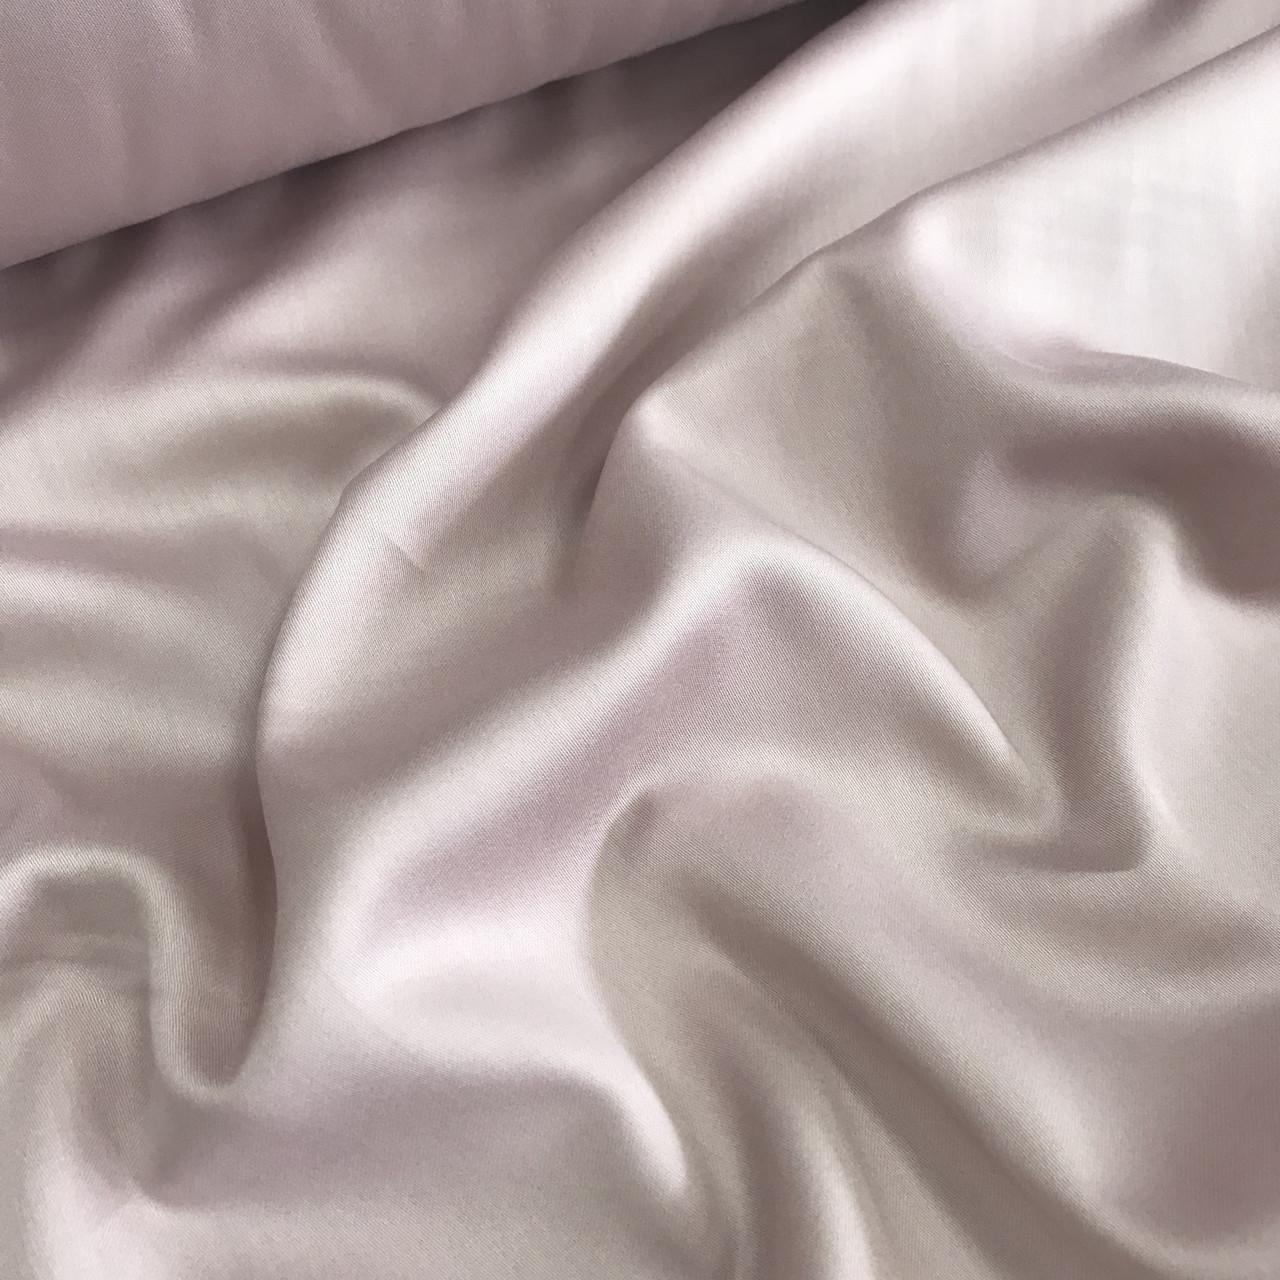 Сатин пудра розовая для постельного белья, мерсеризованный  (ТУРЦИЯ шир. 2,4 м) № 31-62s